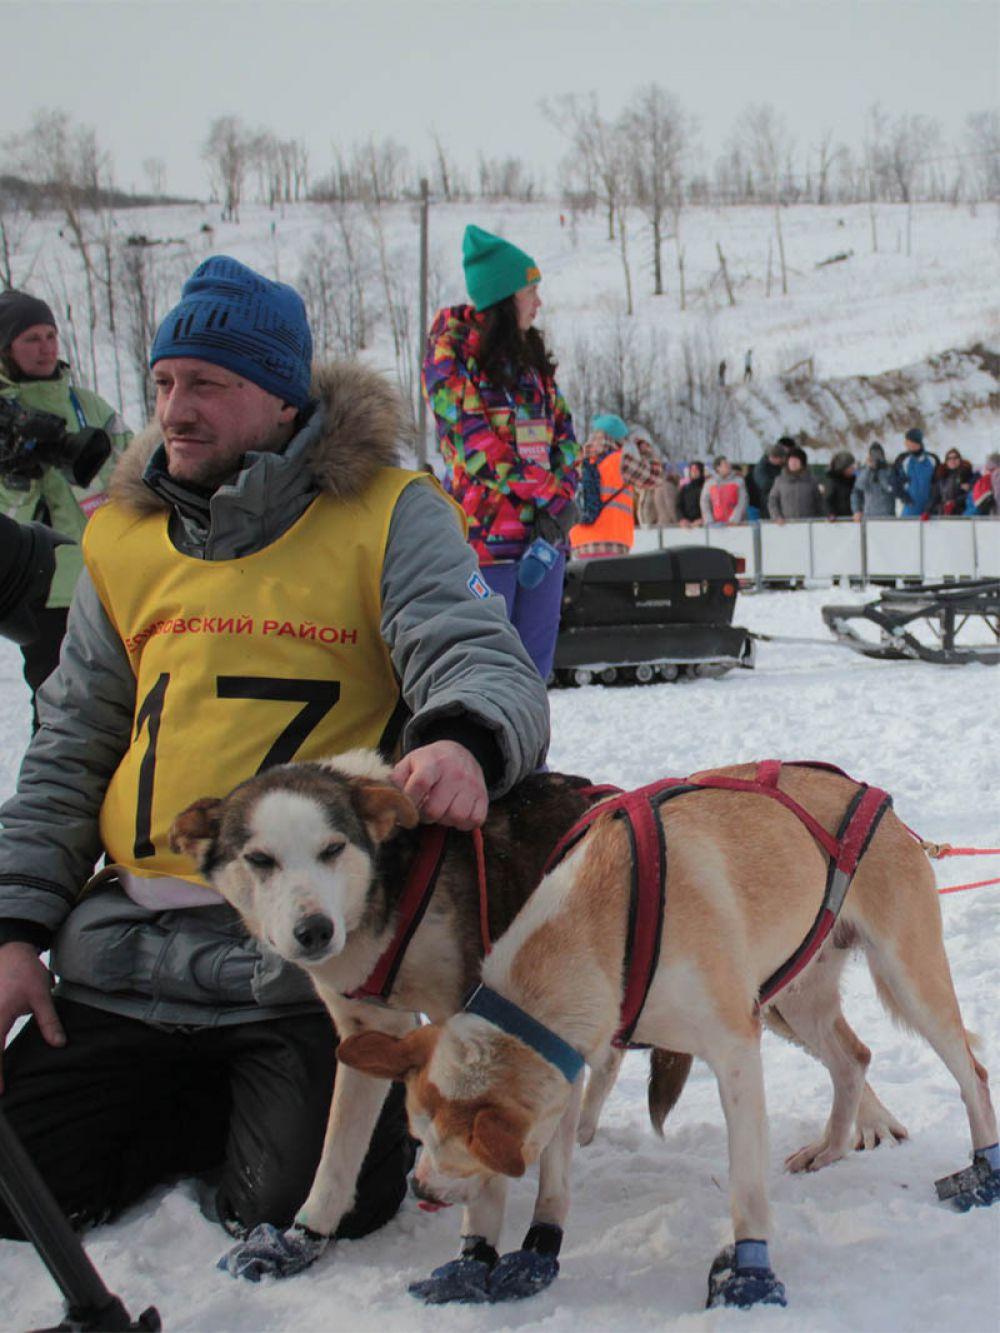 В спринте участвовали спортсмены из Петропавловска, Елизовского, Быстринского, Мильковского и Тигильского районов края, а также каюр из Ленинградской области.